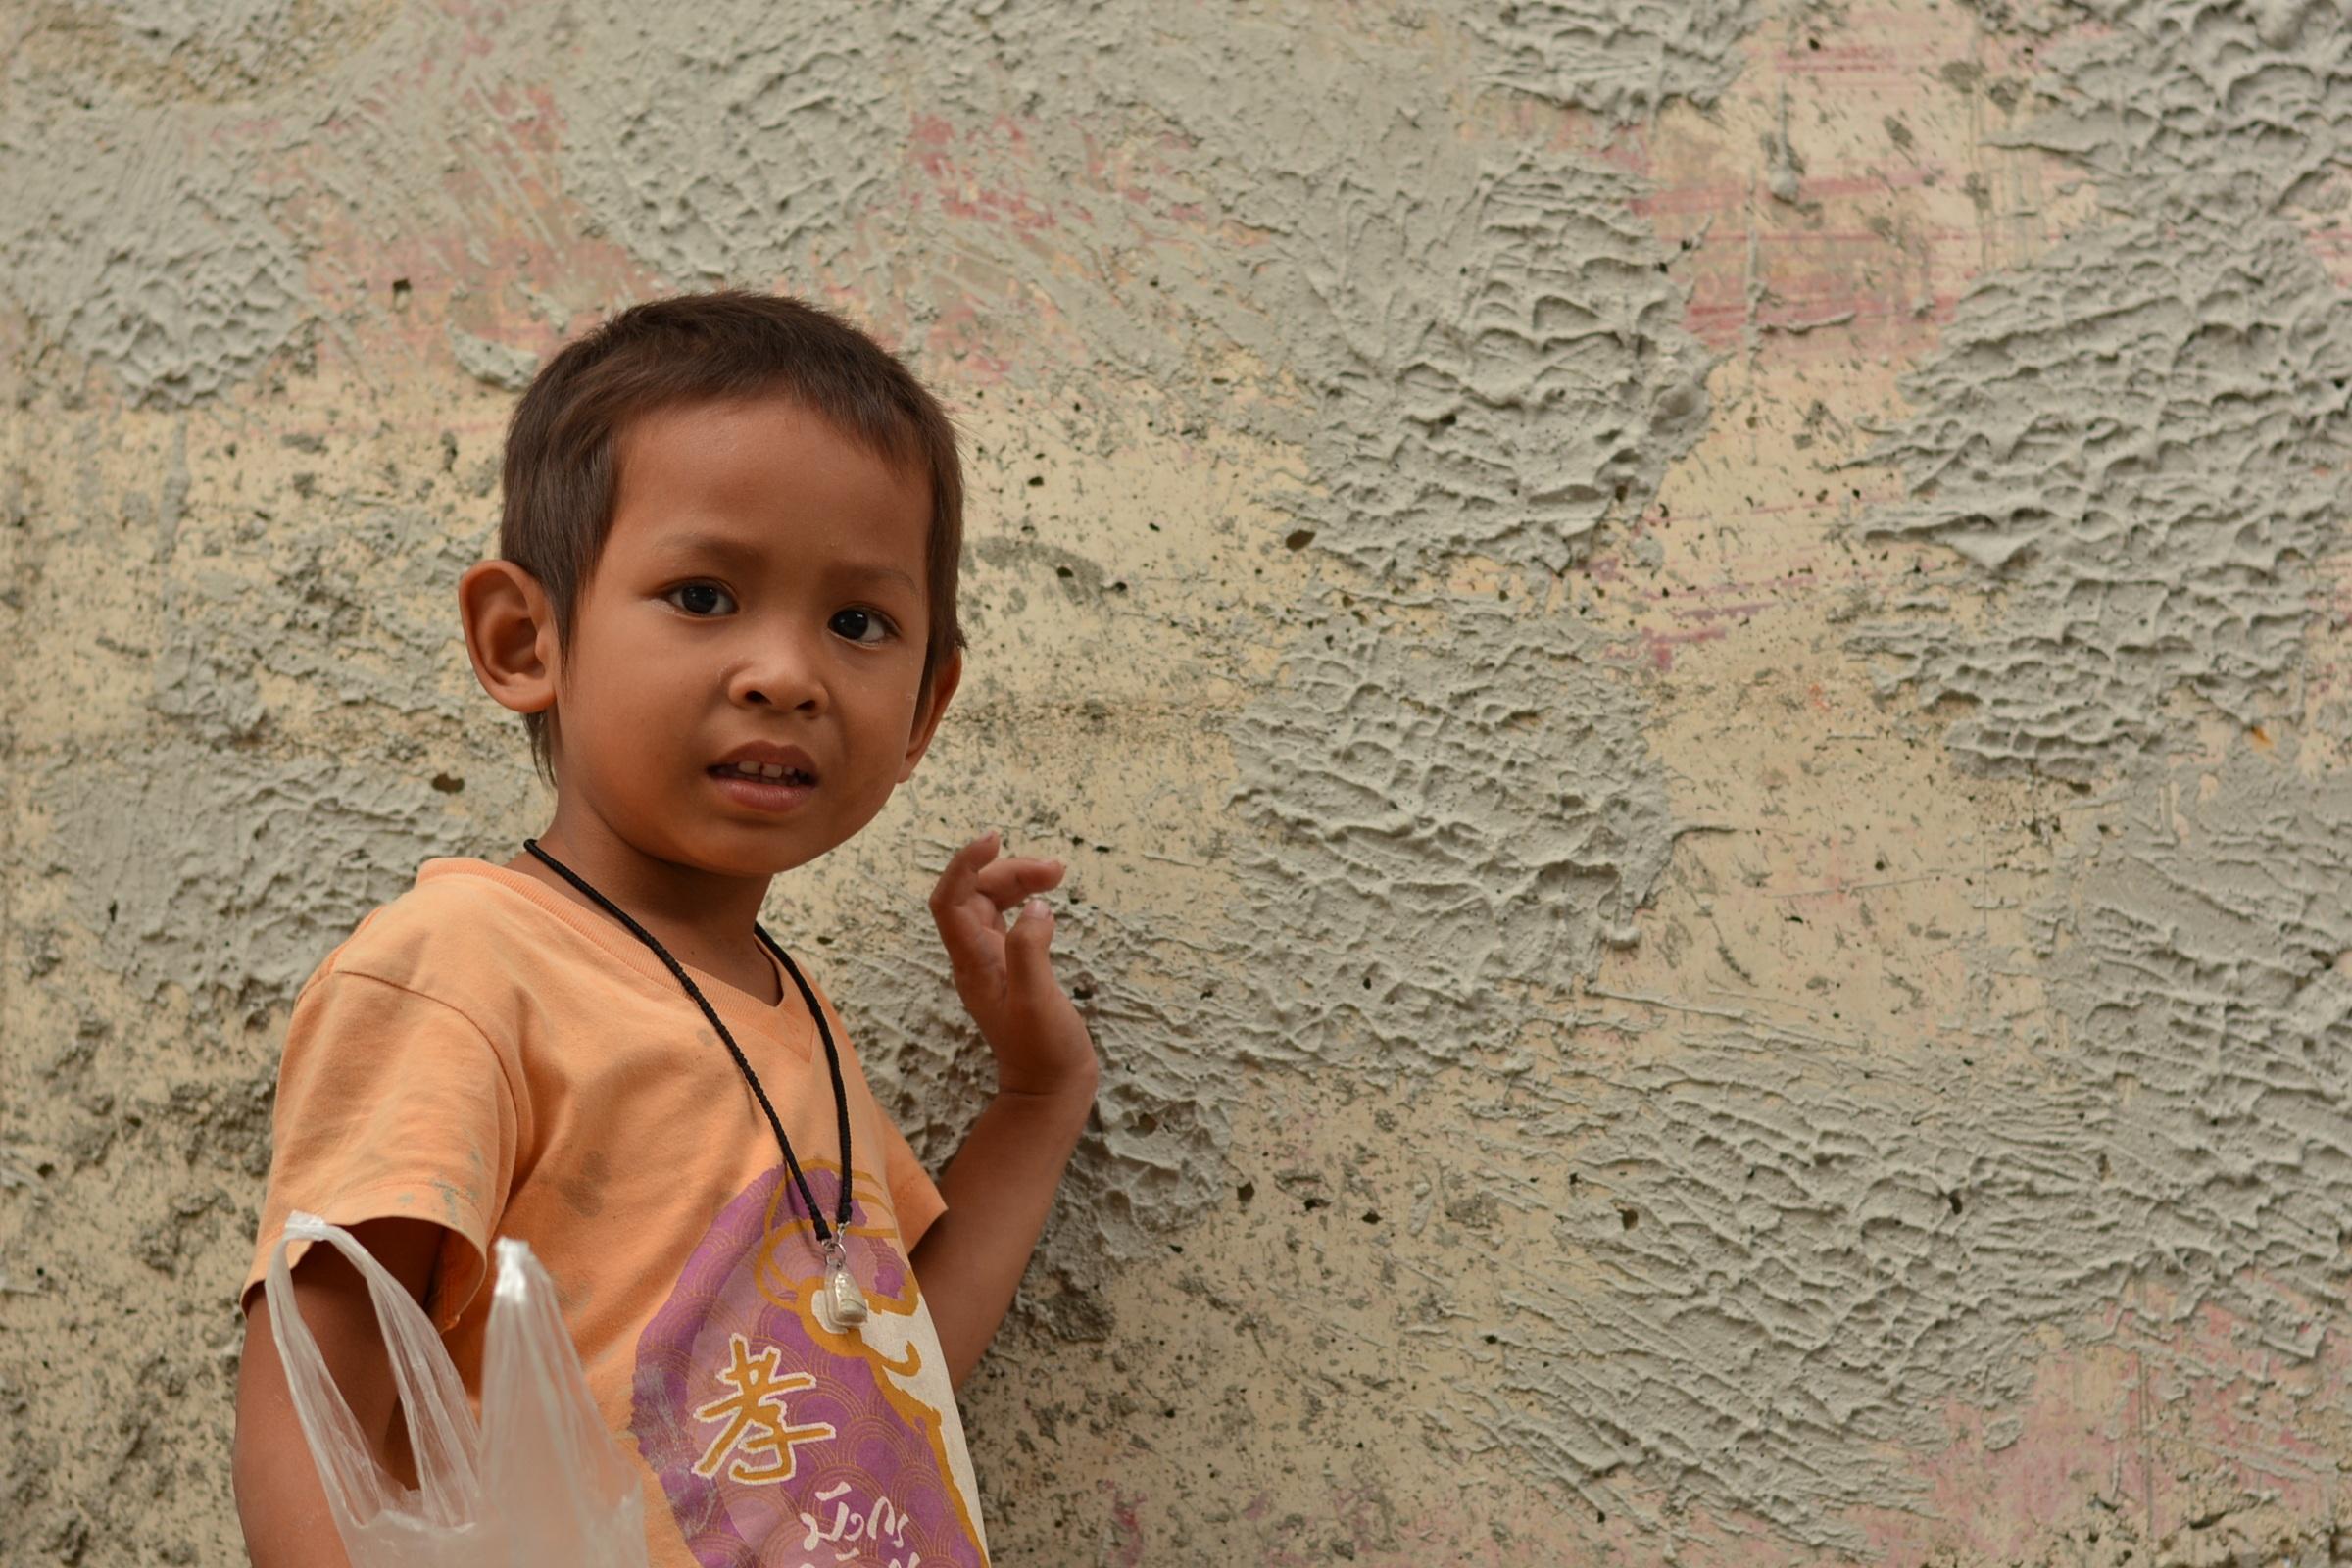 Orang Orang Orang Gadis Imut Potret Anak Tersenyumland Anak Anak Candi Balita Anak